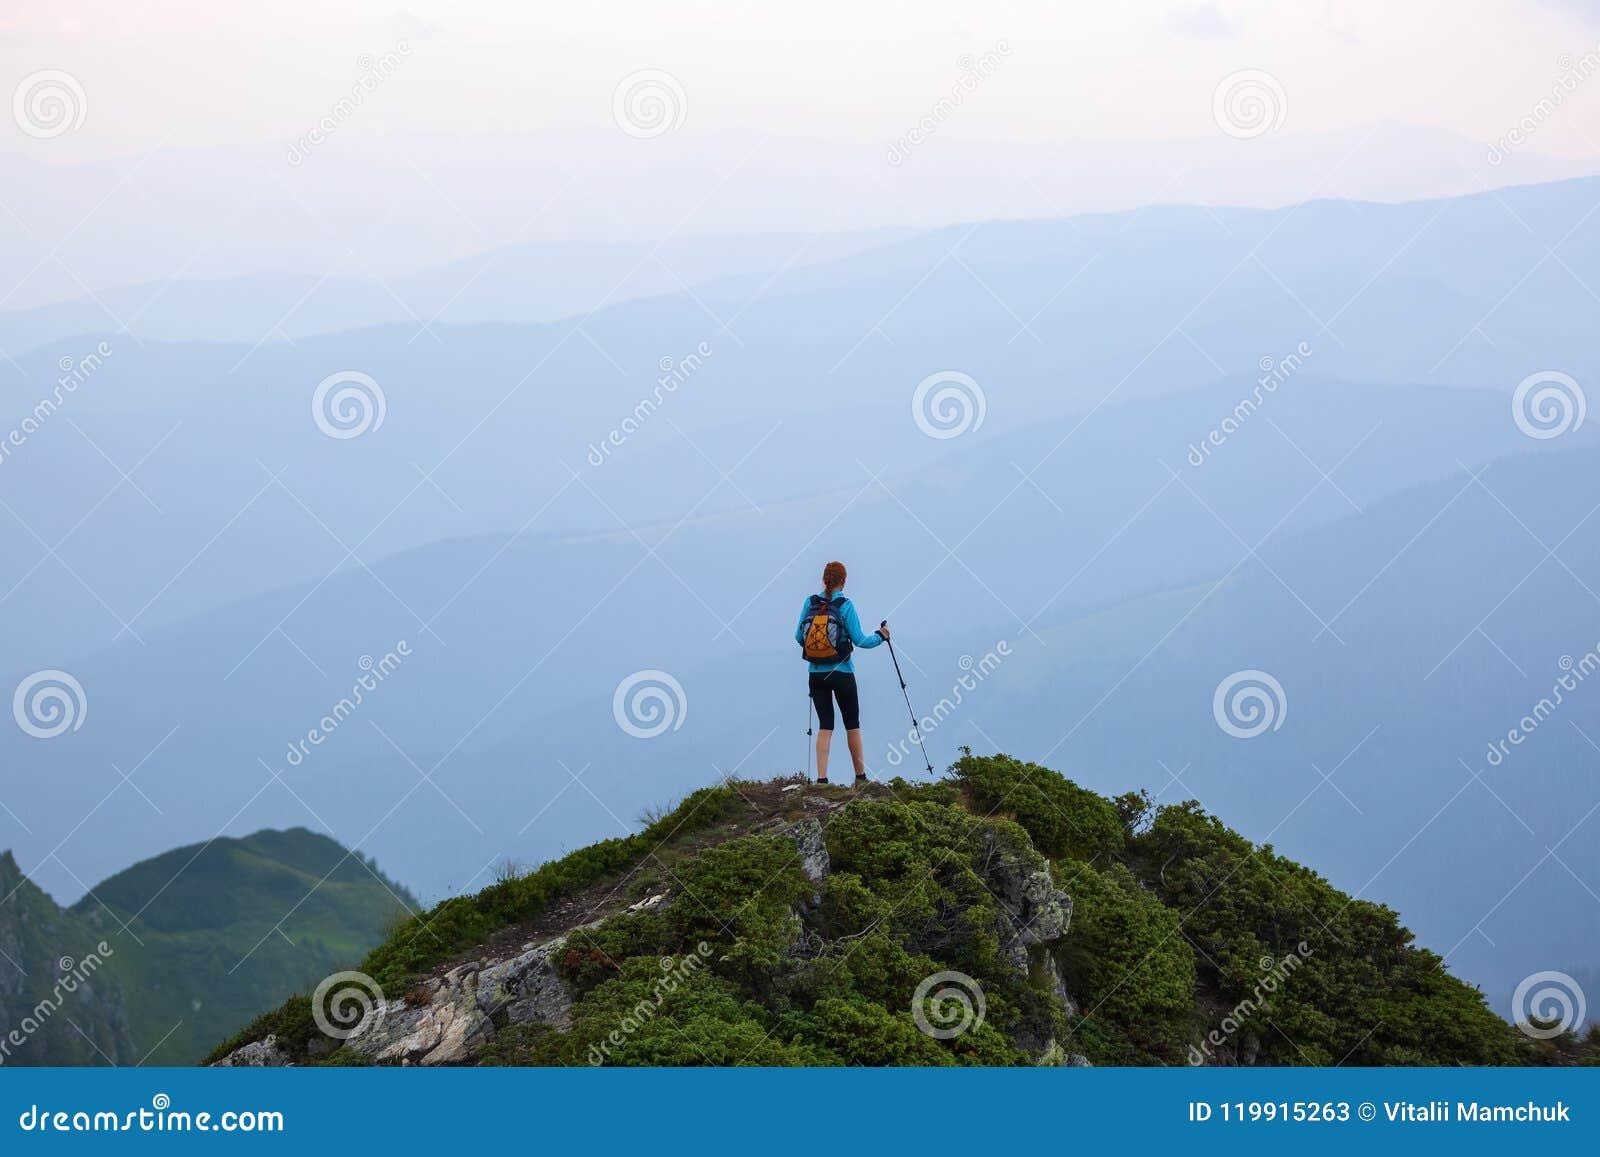 Το κορίτσι με τον τουριστικό εξοπλισμό πηγαίνει επάνω στην αιχμή του δύσκολου υψηλού λόφου με το χορτοτάπητα Το τοπίο των βουνών